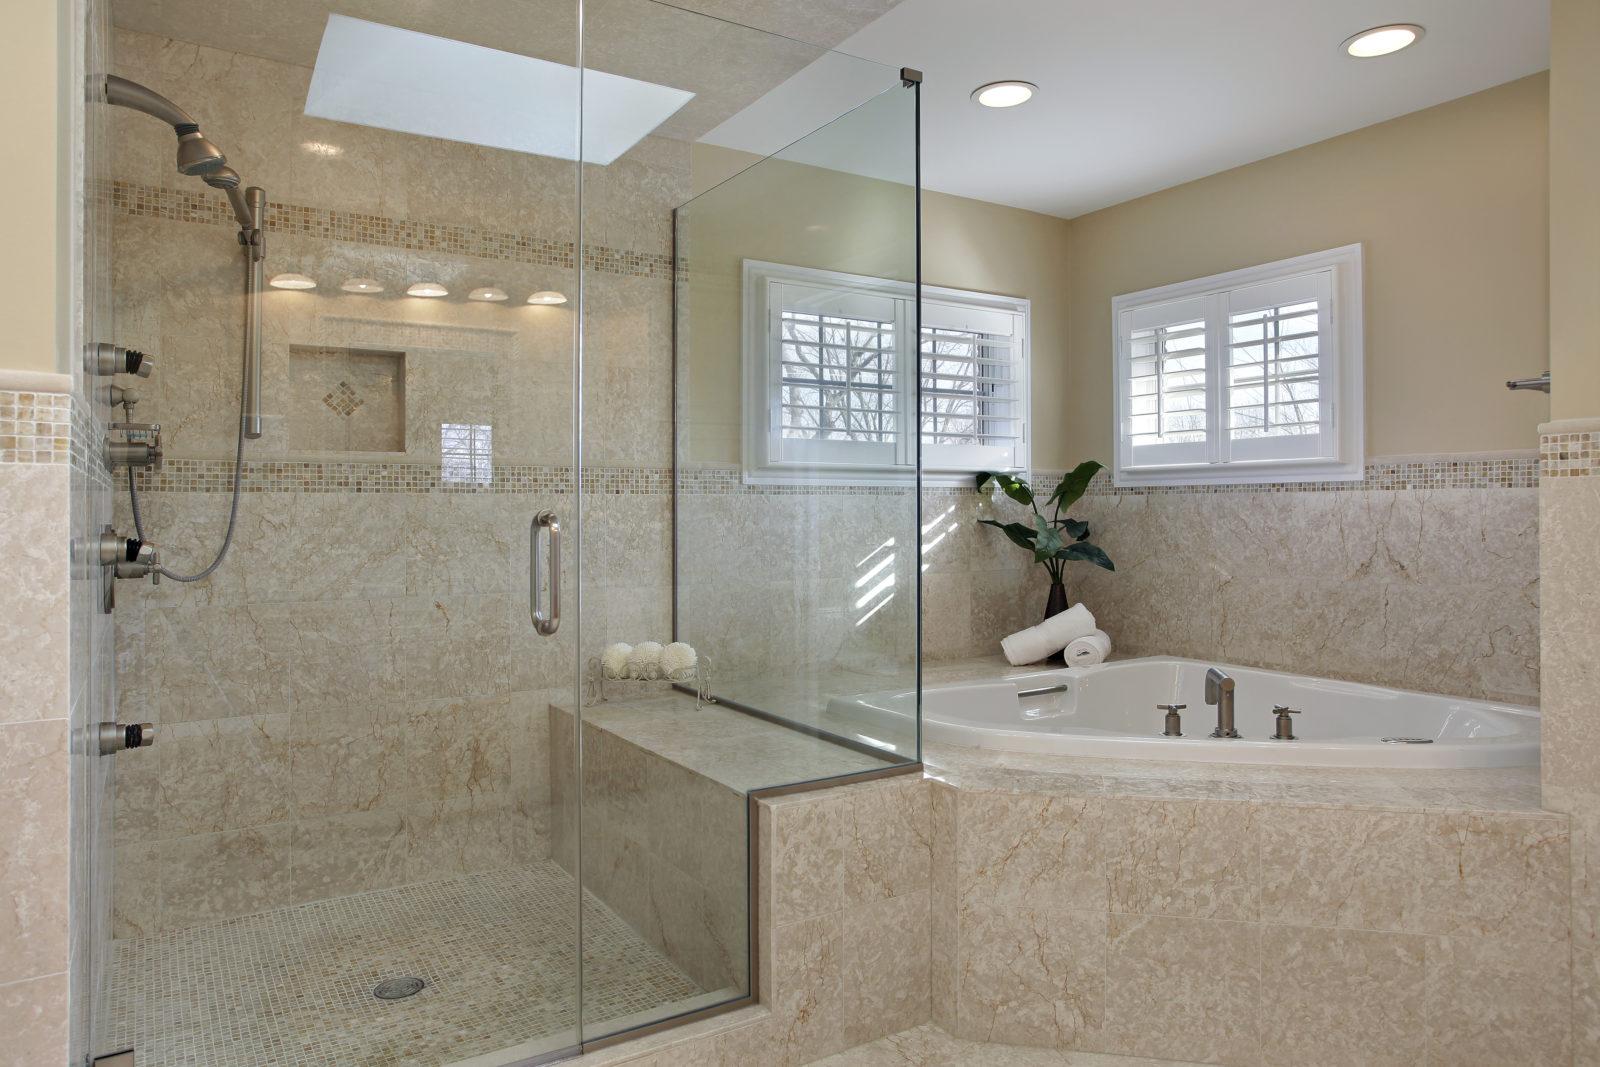 нная комната с душевой кабиной Душевая кабина является спасением для маленькой ванной комнаты. Простейший способ обустройства душевого пространства в ванн